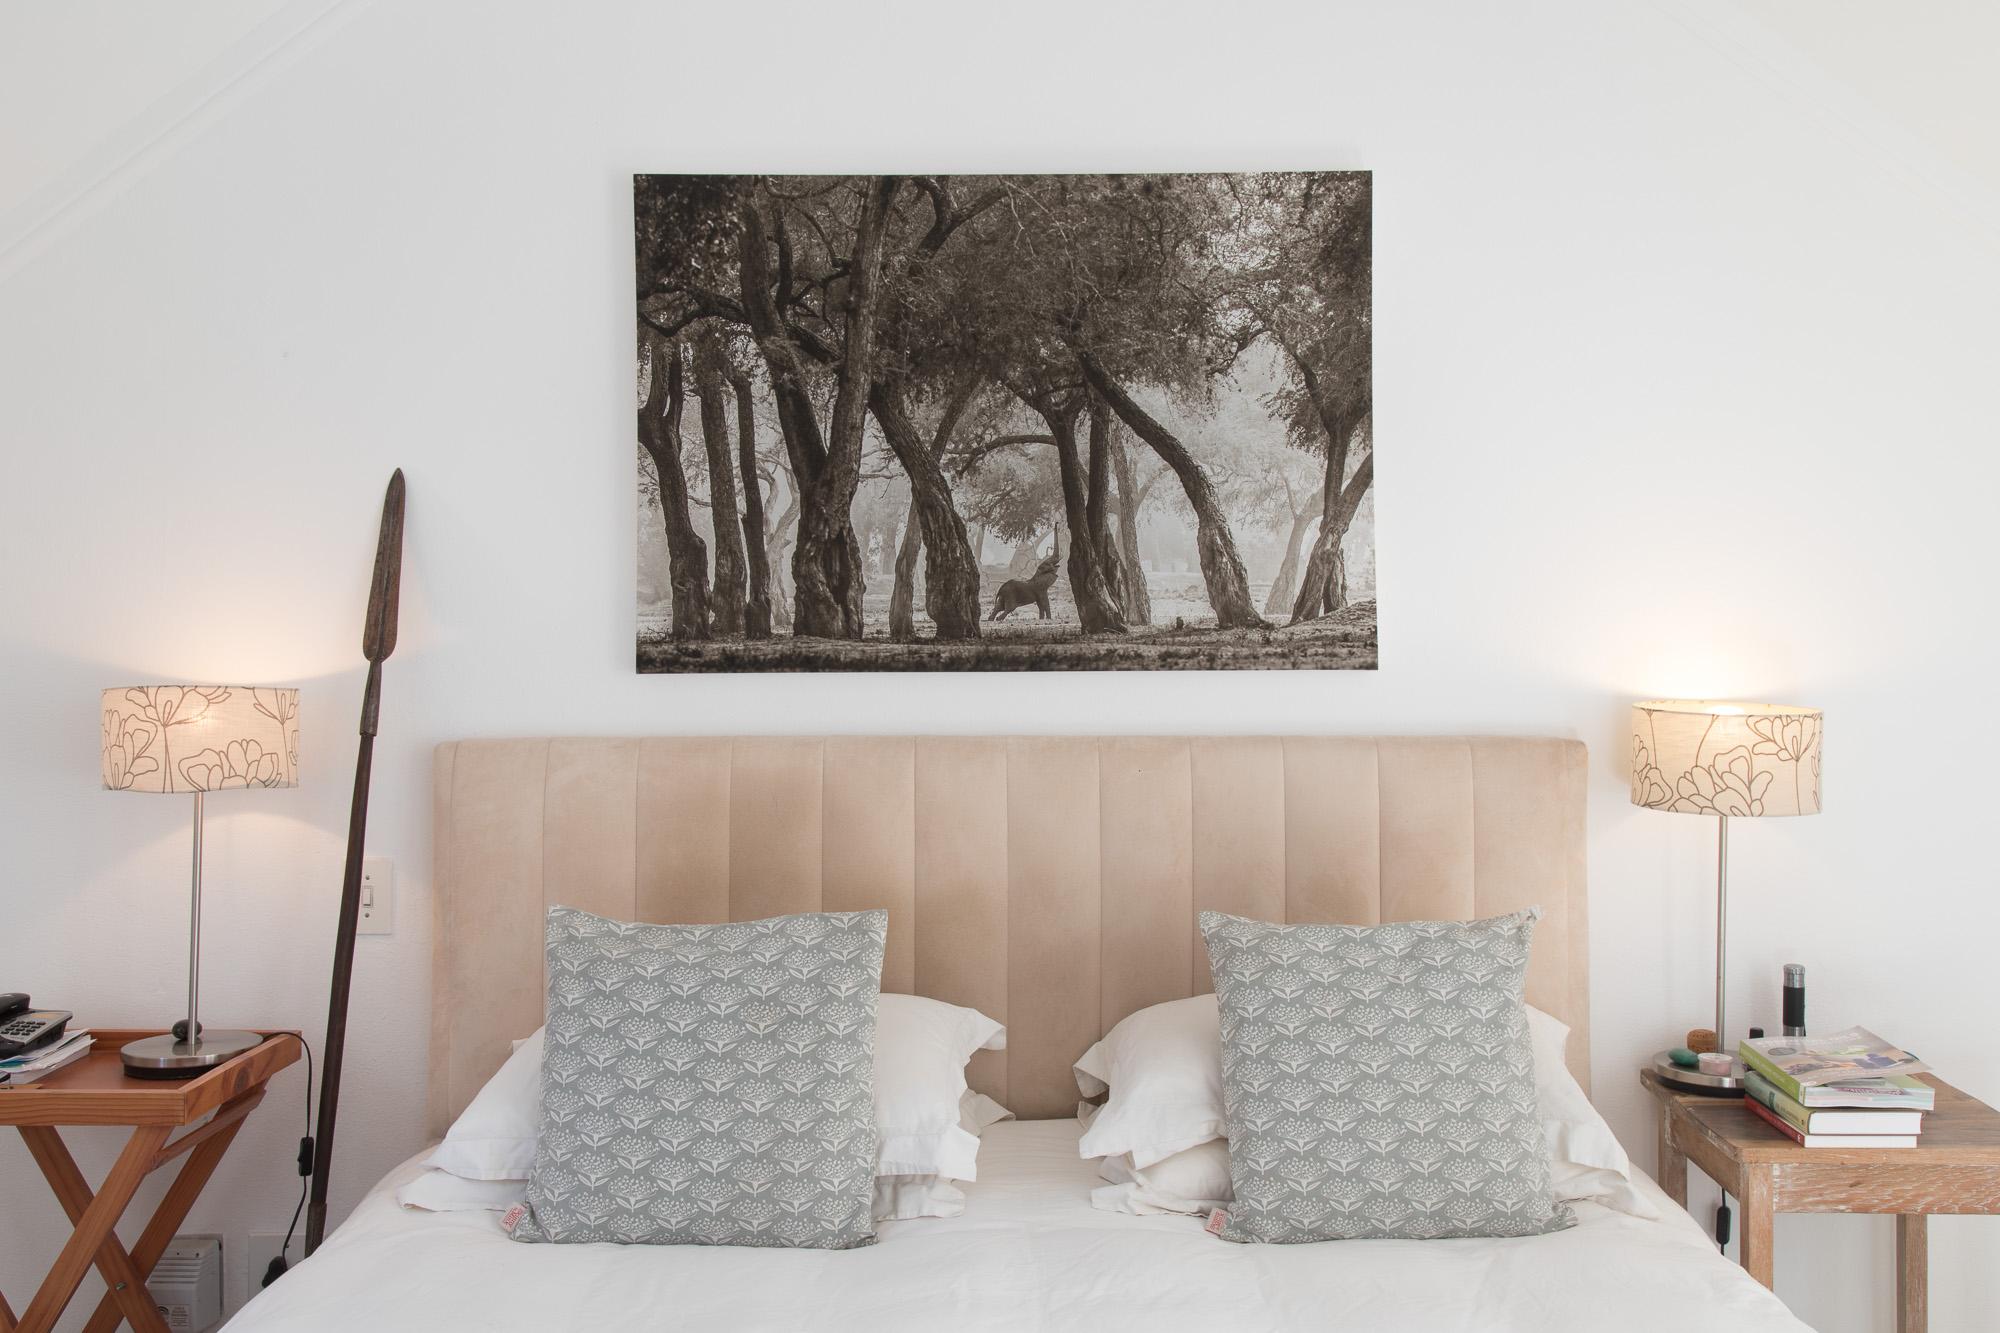 Mana Pools Elephant - Canvas Print on Wooden Block Mount